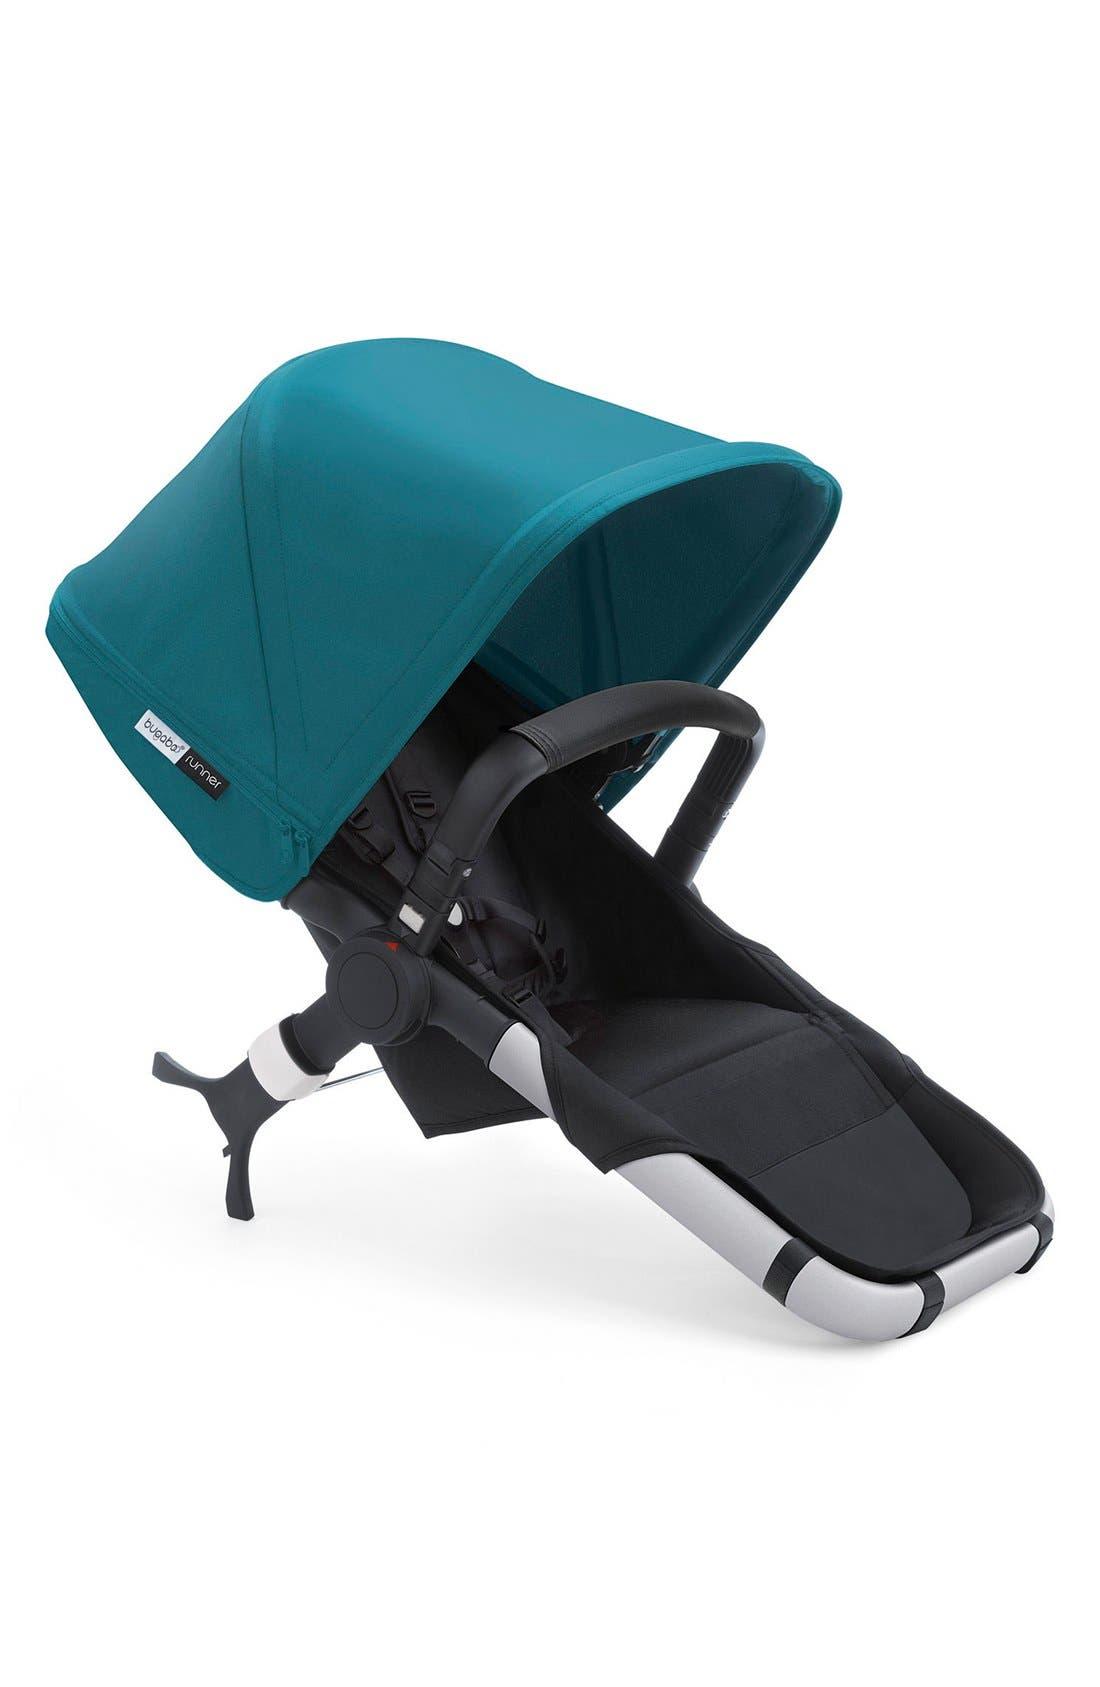 Runner Seat for Bugaboo Runner Stroller,                         Main,                         color, Black/ Petrol Blue